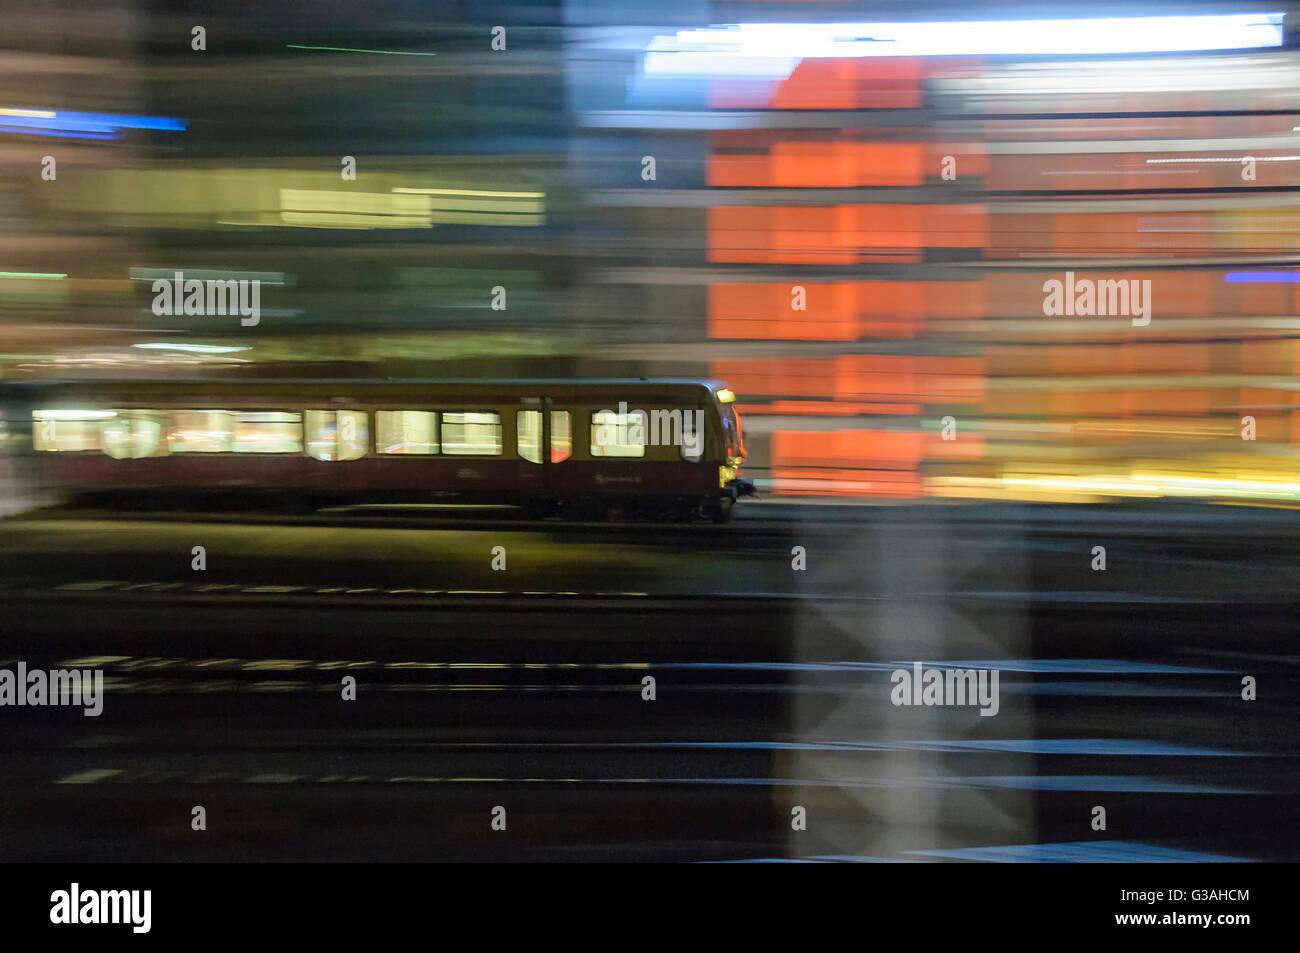 Accelerando in treno dalla stazione di notte, blur per mostrare la velocità e movimento Immagini Stock